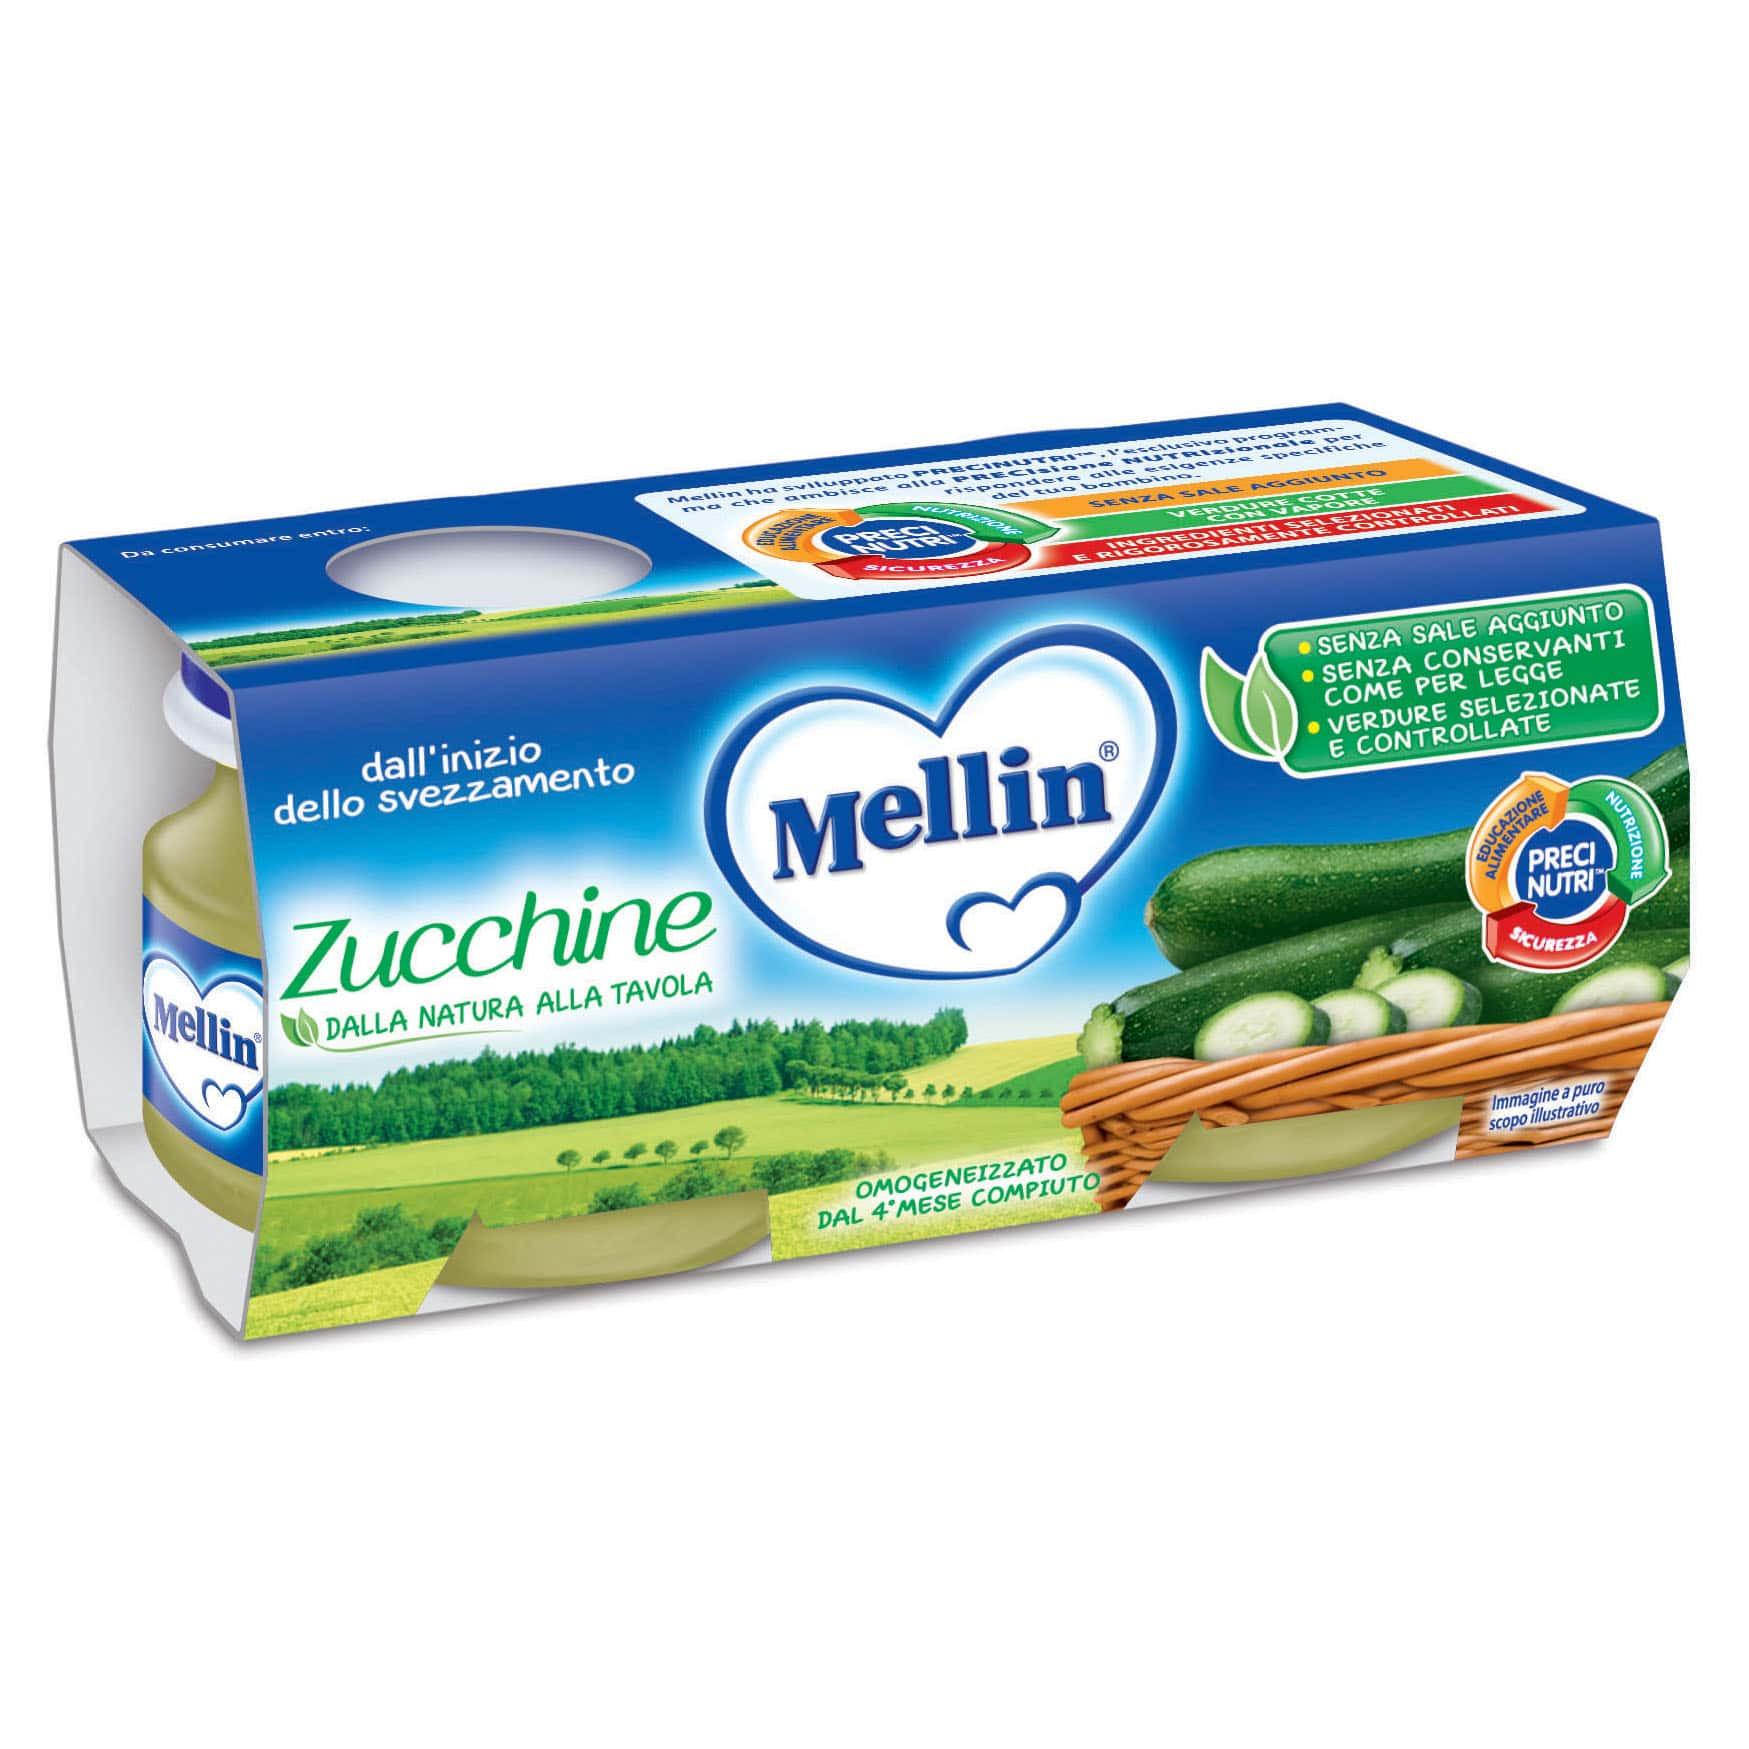 Omogeneizzato Zucchine Mellin